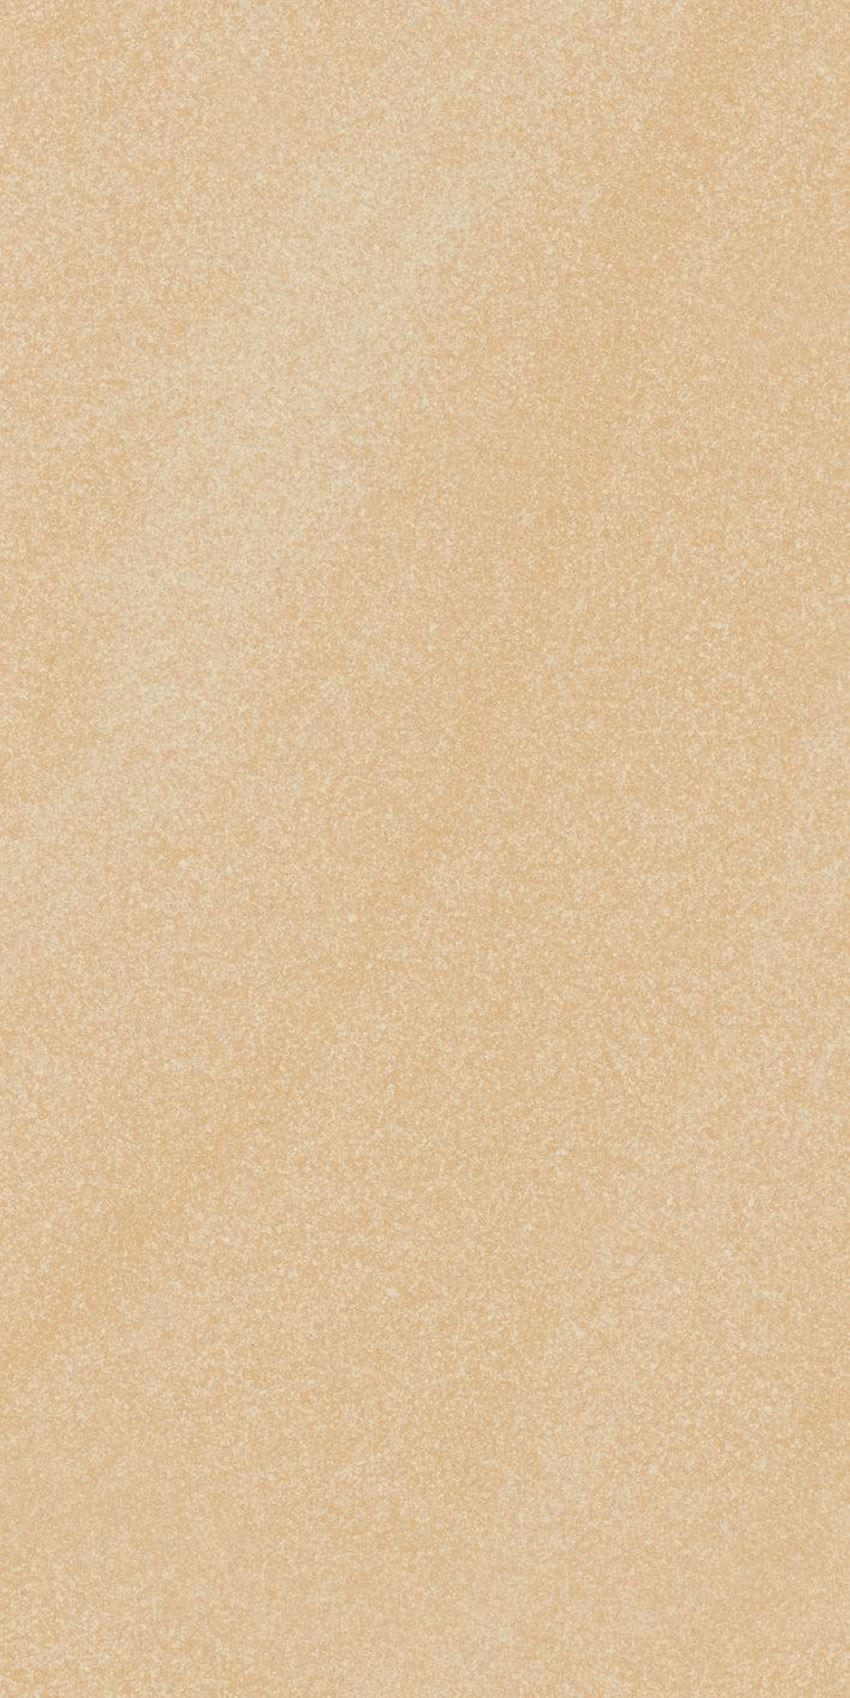 Płytka ścienno-podłogowa 30x60 Paradyż Arkesia Brown Gres Rekt. Poler